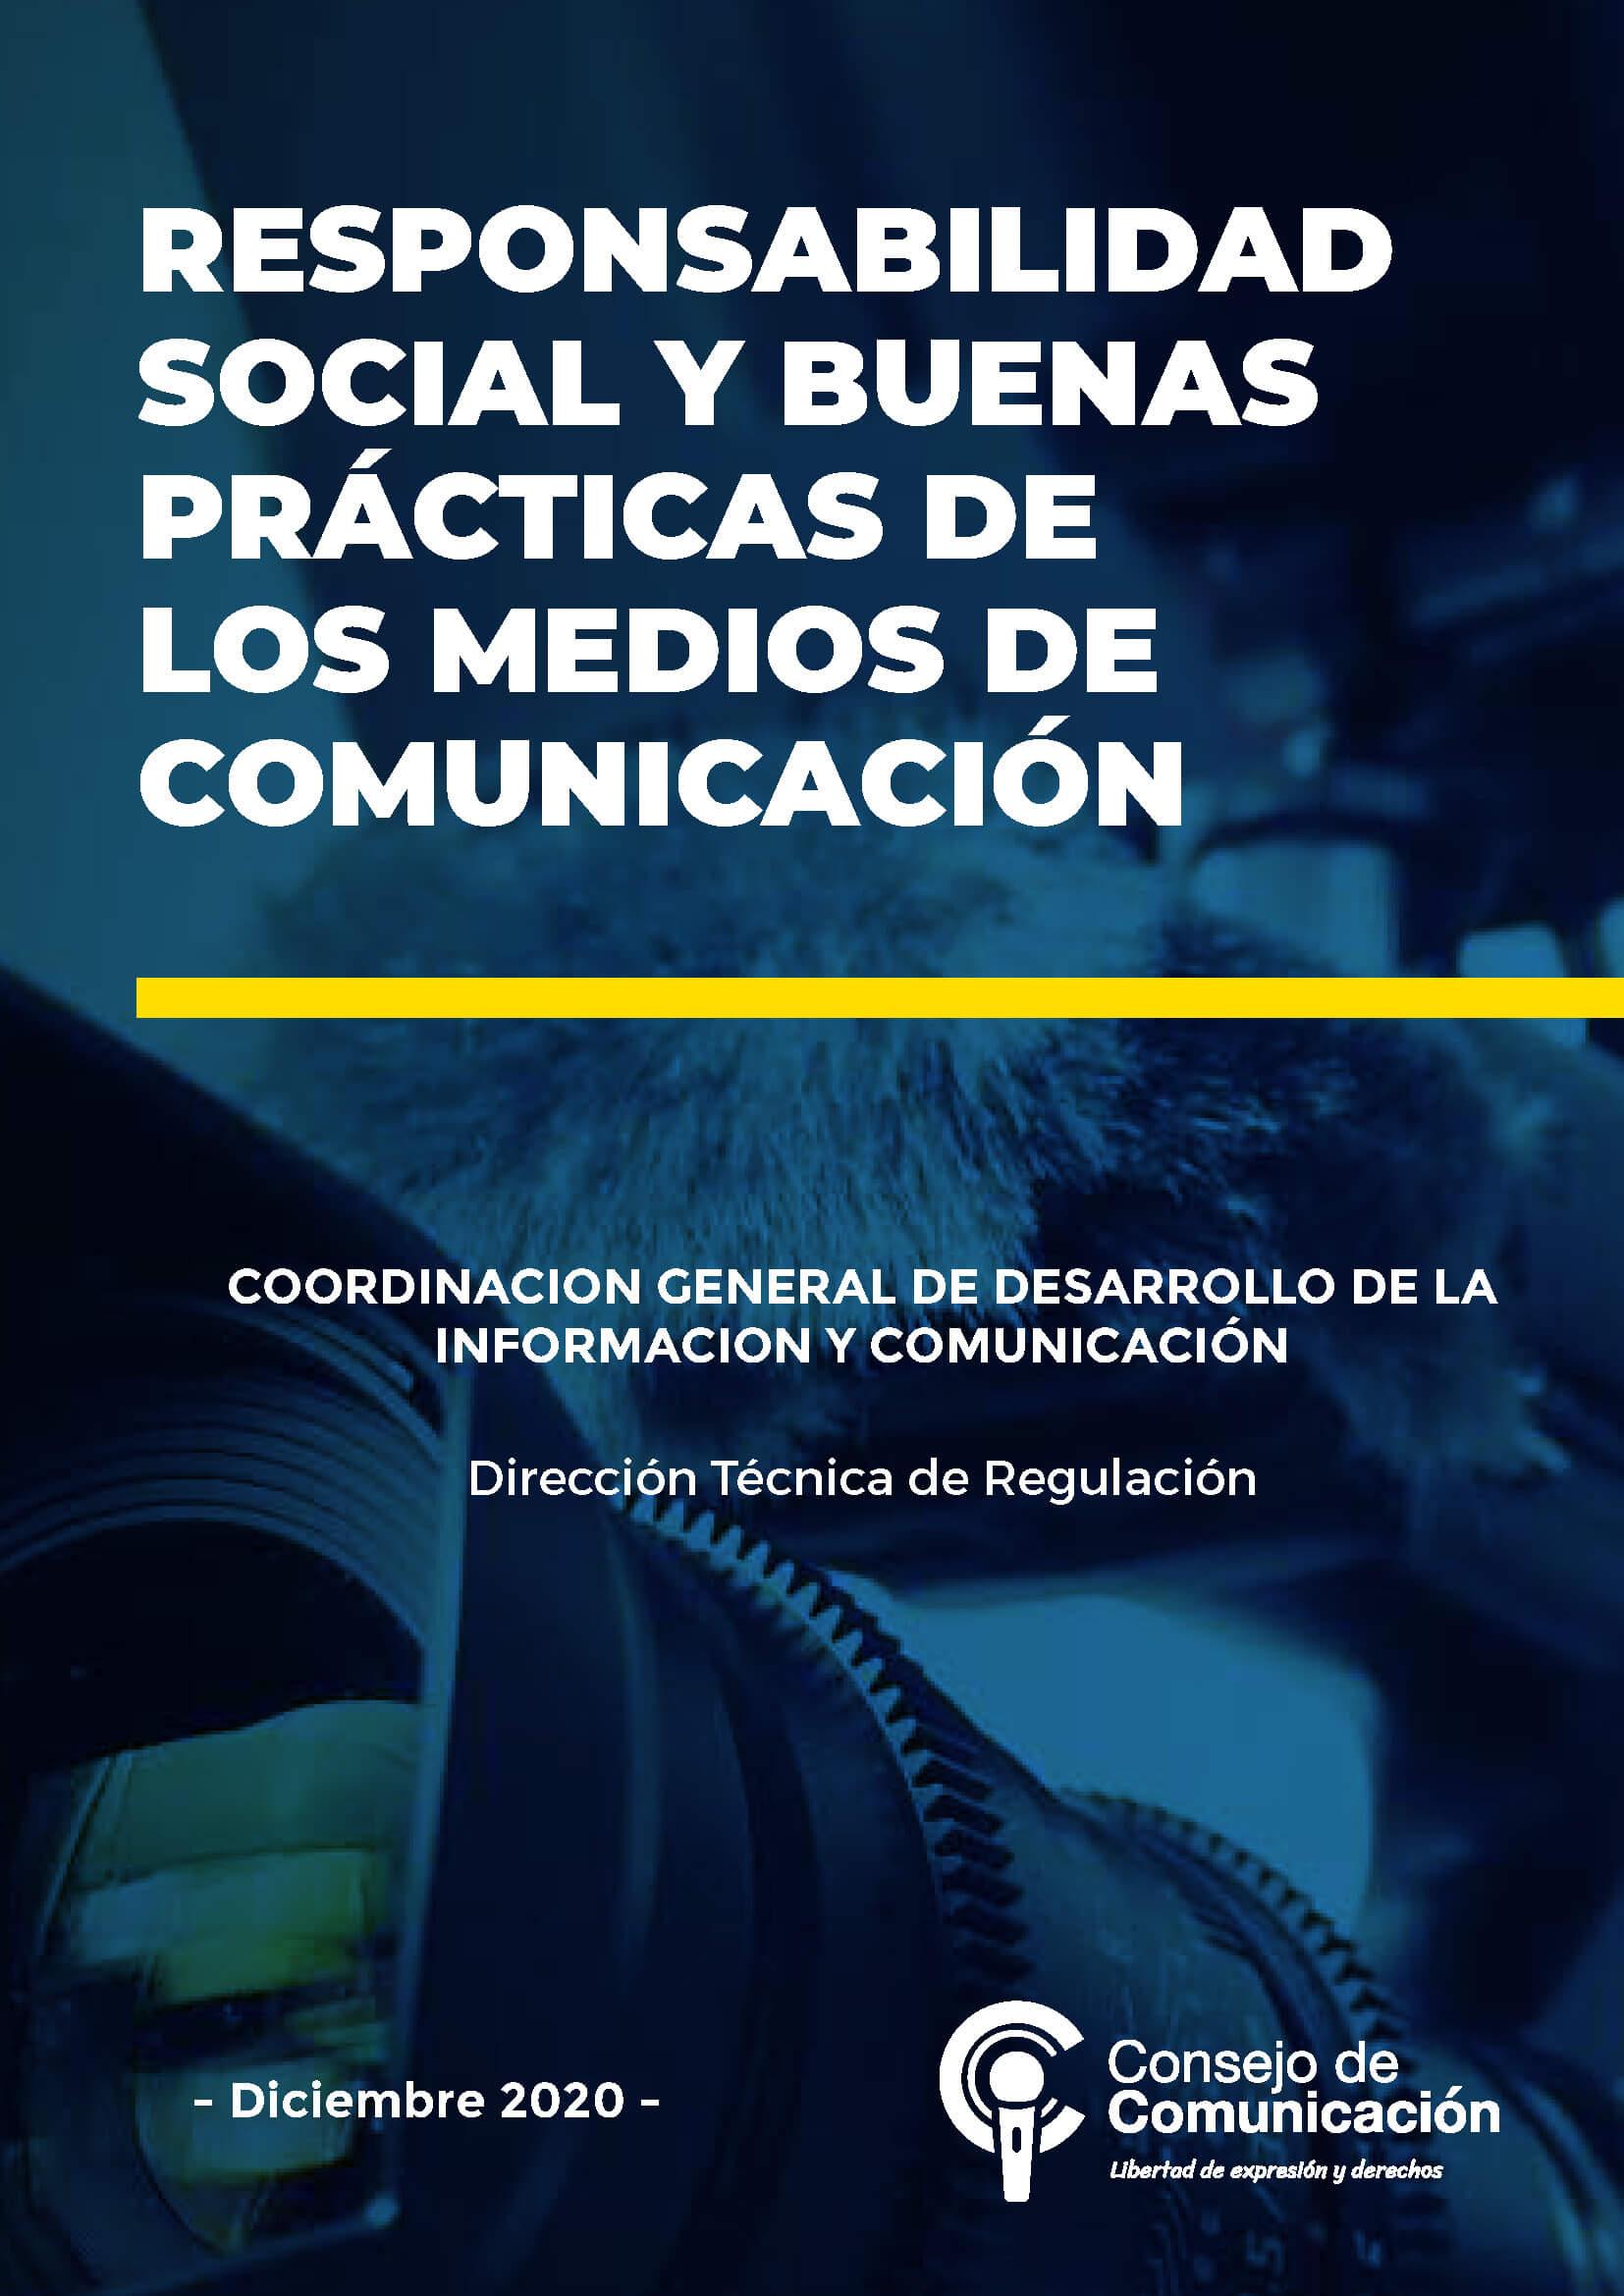 Investigación-Responsabilidad-Social-y-Buenas-Prácticas-de-los-Medios-de-Comunicación